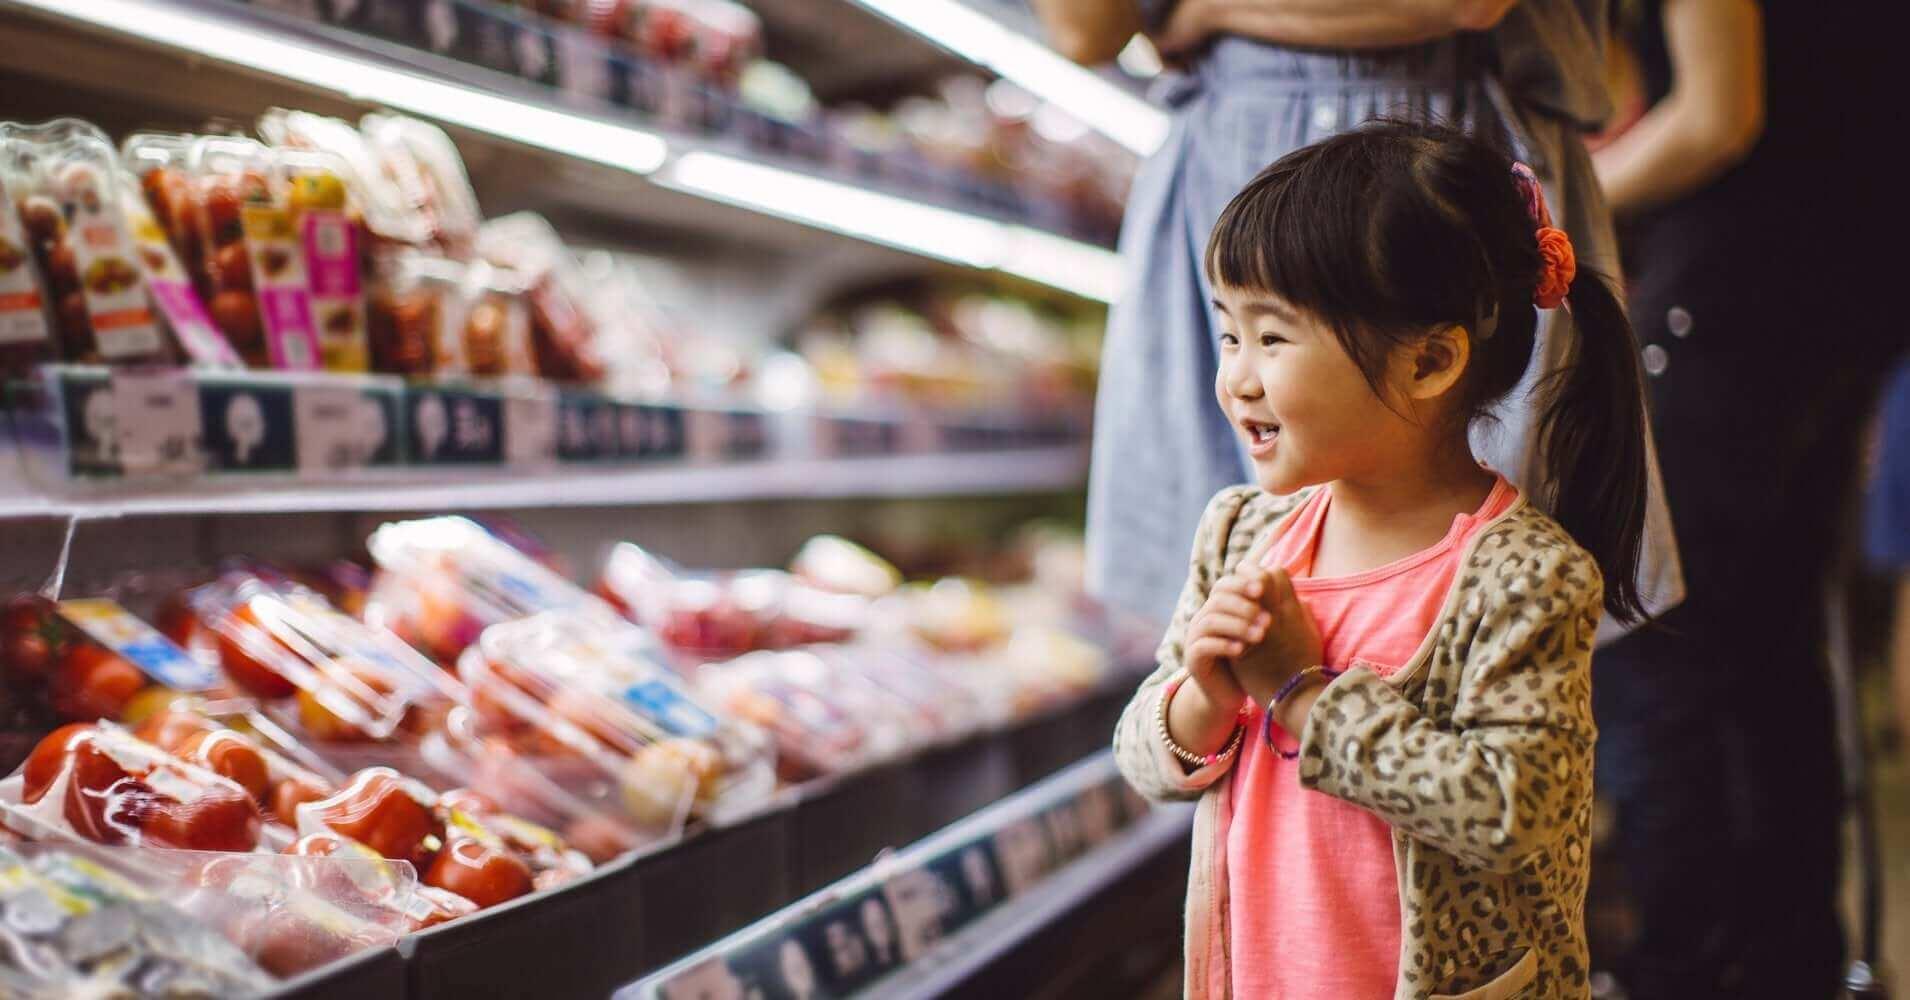 bé gái châu á ở siêu thị